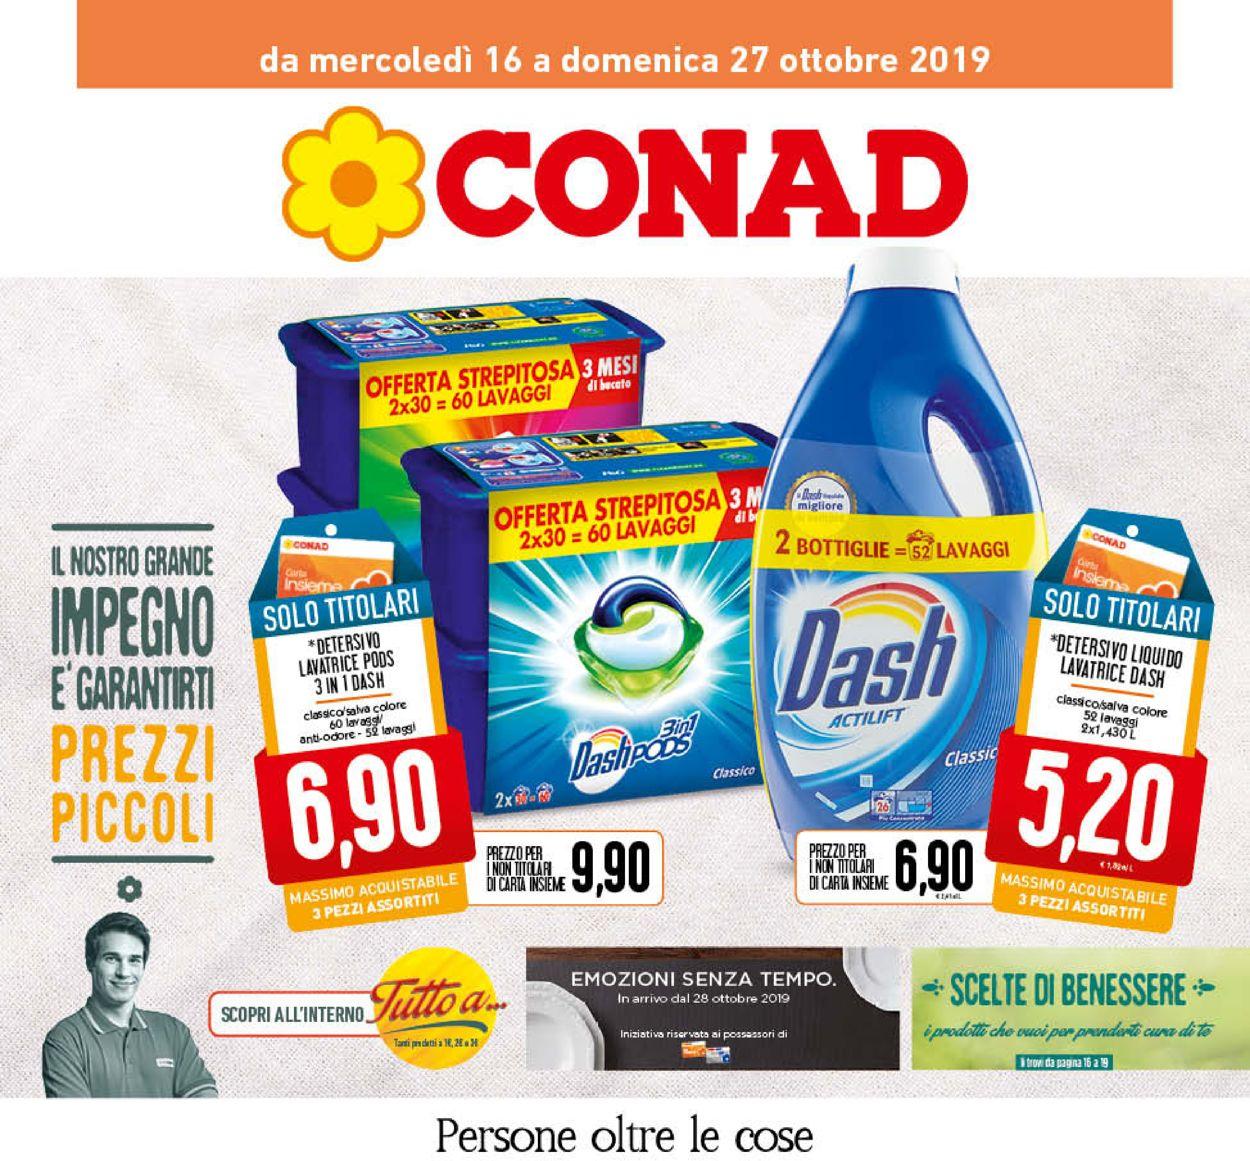 Volantino Conad - Offerte 16/10-27/10/2019